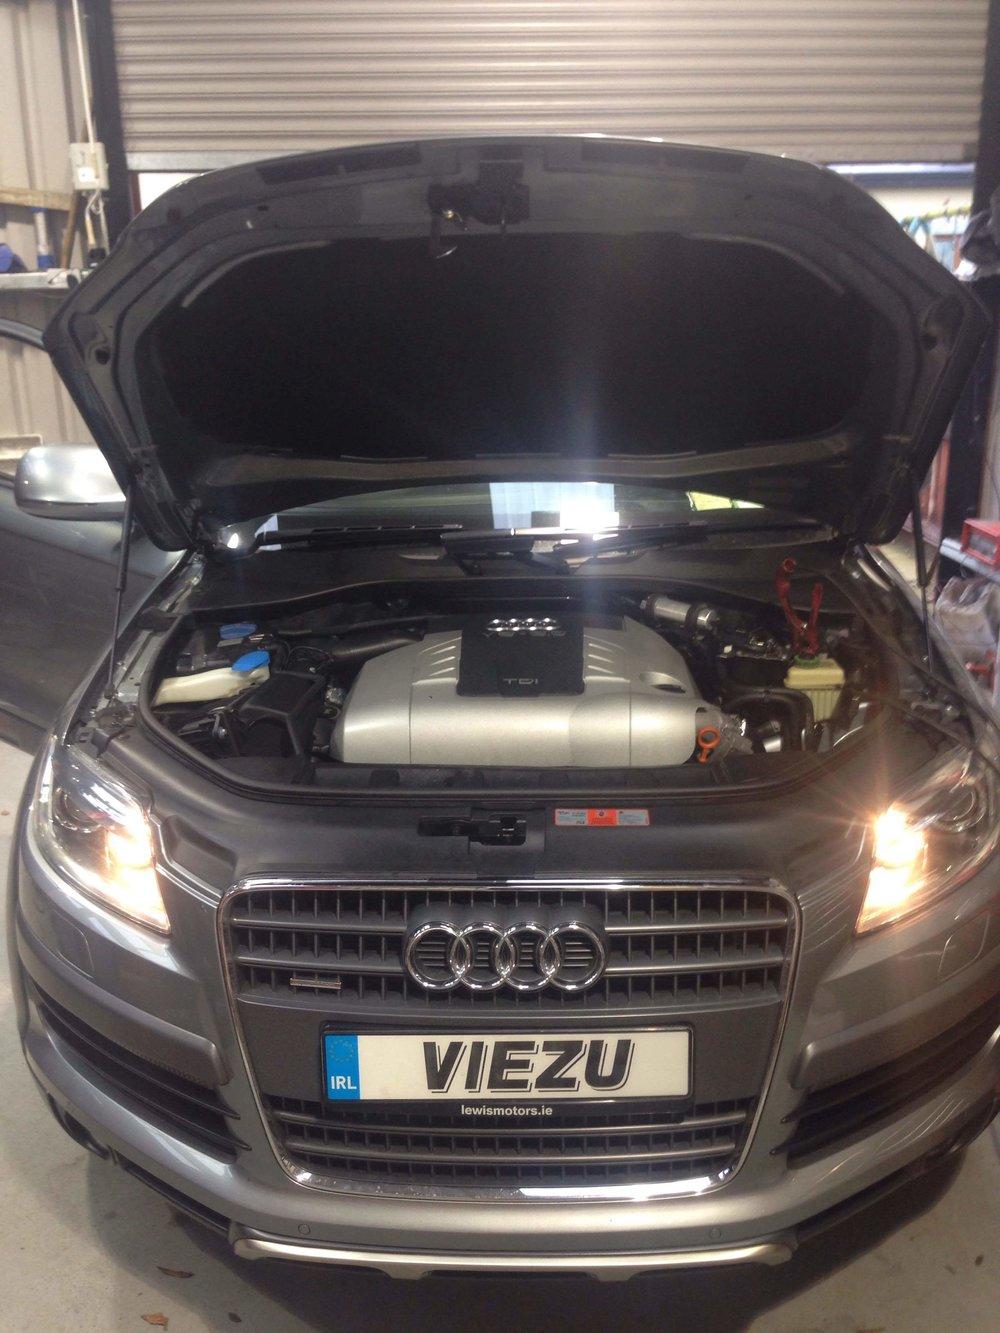 Audi Q7 ECU REMAP VIEZU IRELAND.JPG